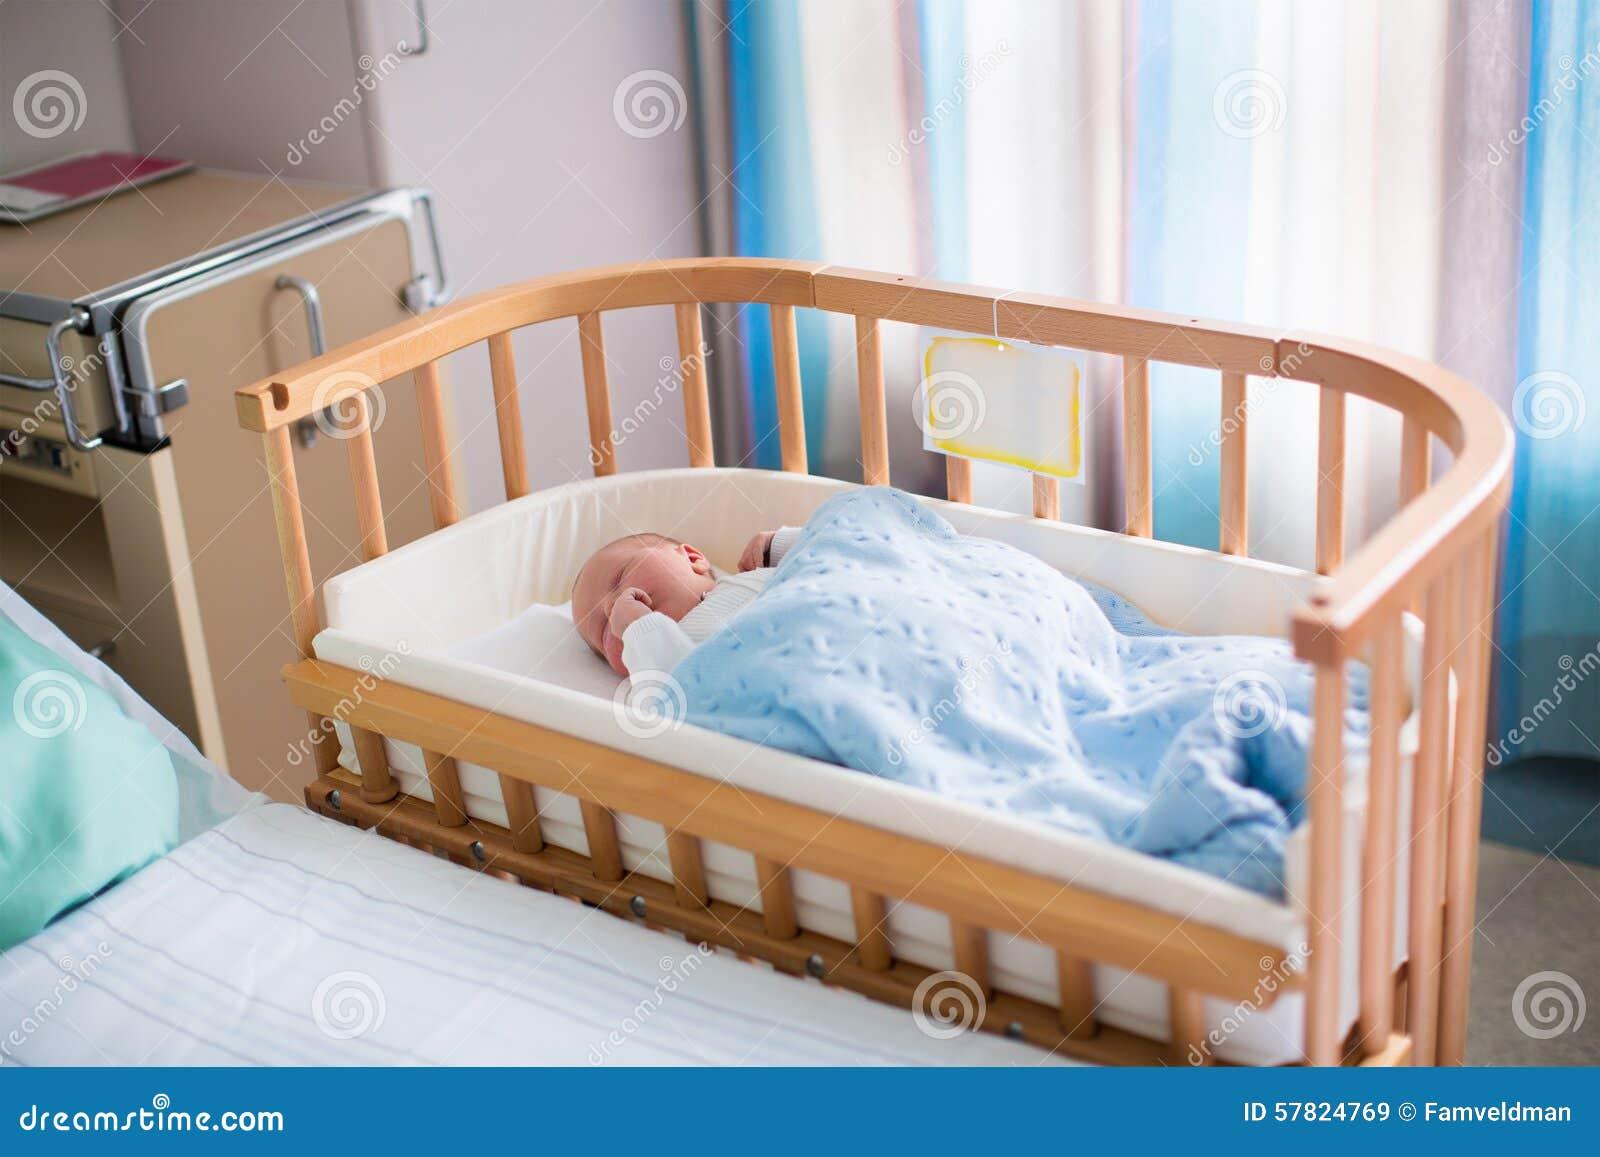 Ragazzo Di Neonato In Culla Dell Ospedale Immagine Stock